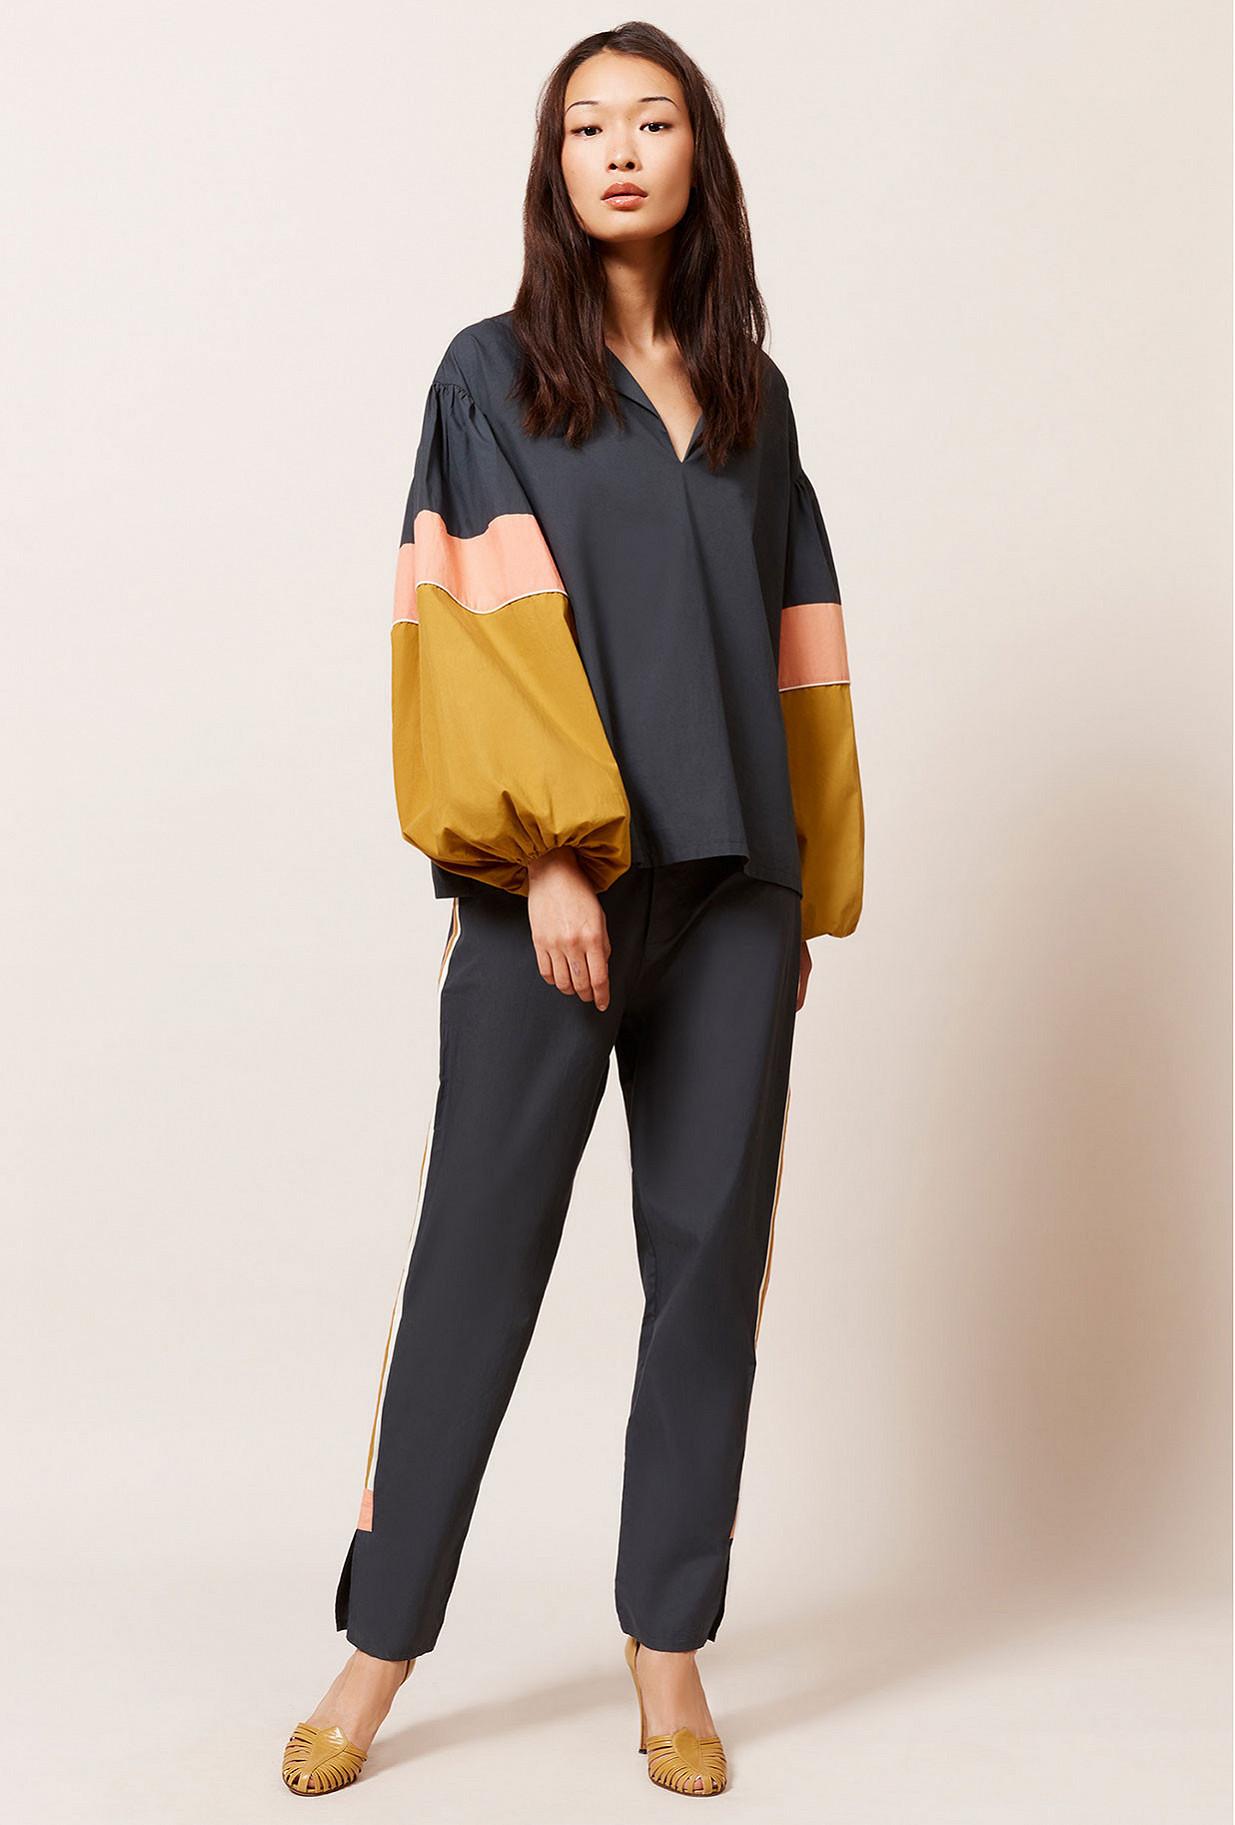 Black  Blouse  Priam Mes demoiselles fashion clothes designer Paris